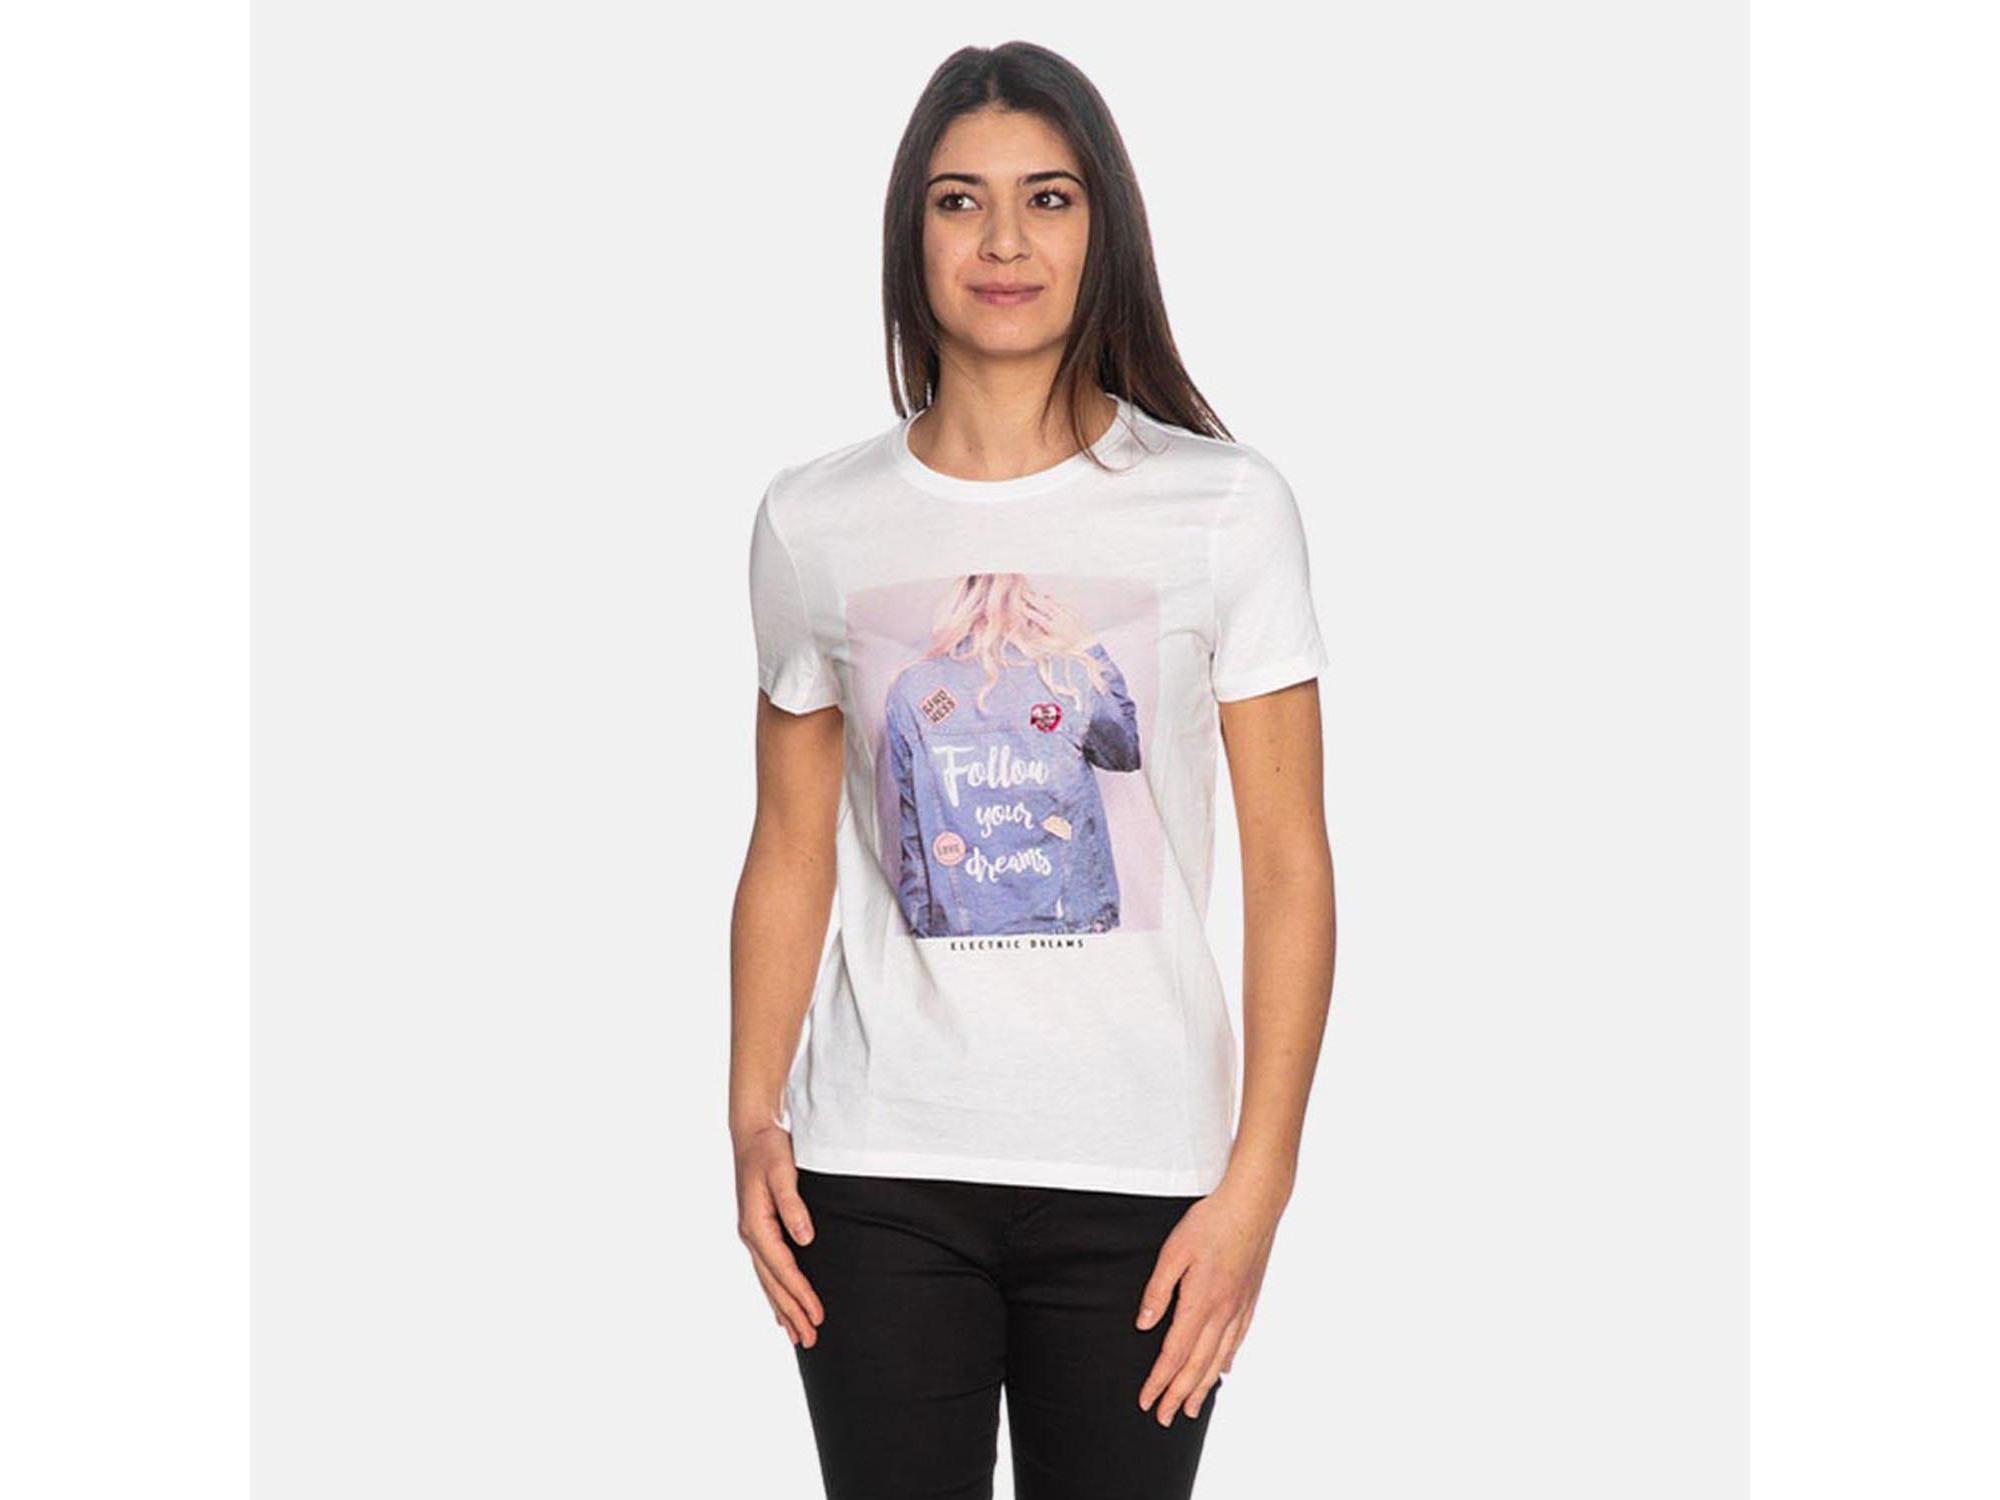 ONLY Ženska majica kratek rokav 15226025 BRIGHT WHITE/FOLLOW L / INTL BELA